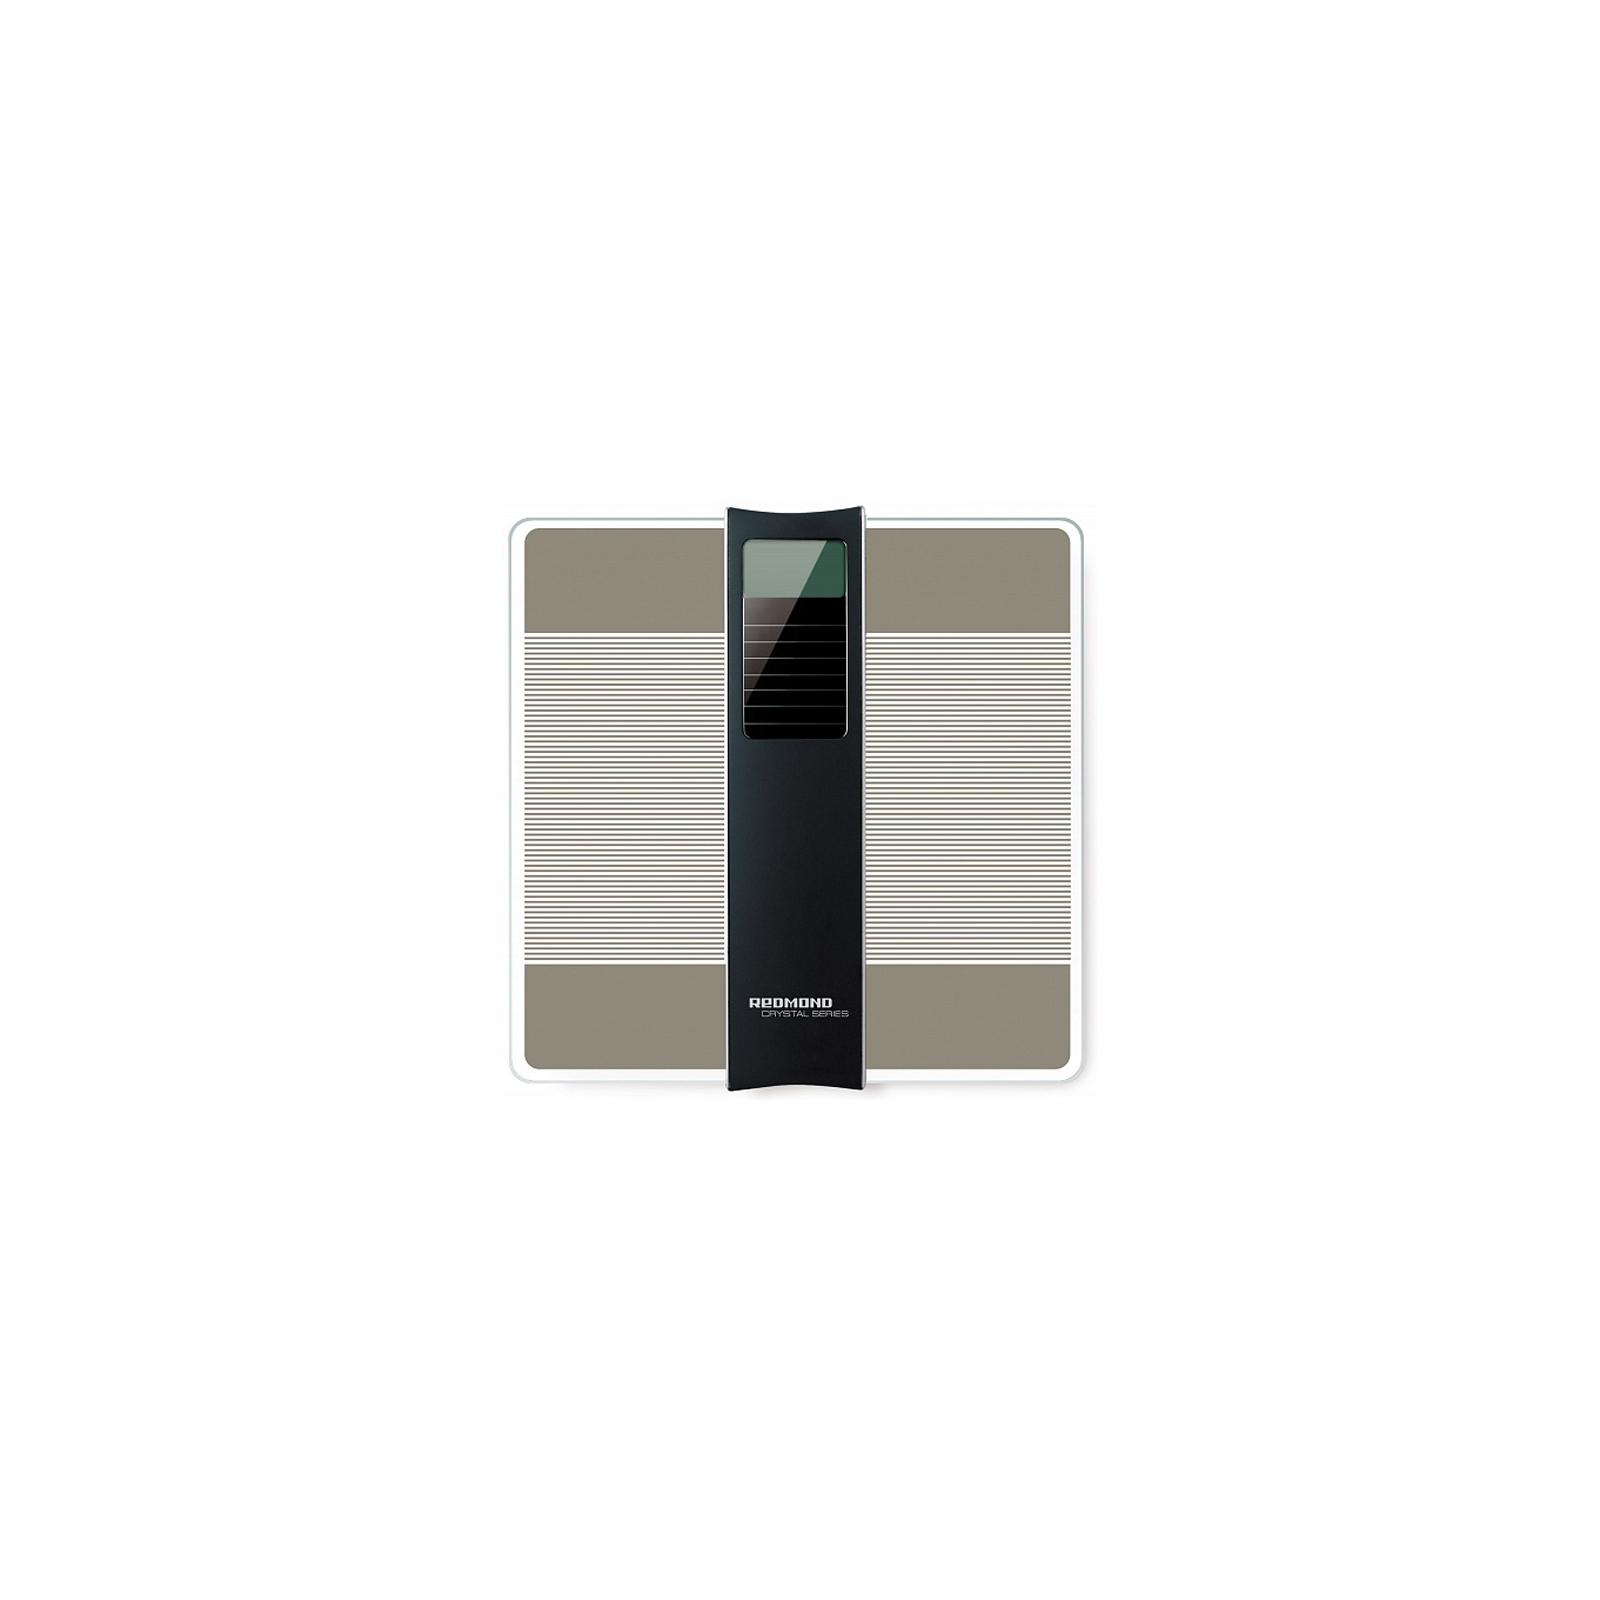 Весы напольные REDMOND RS-719 Gray изображение 2